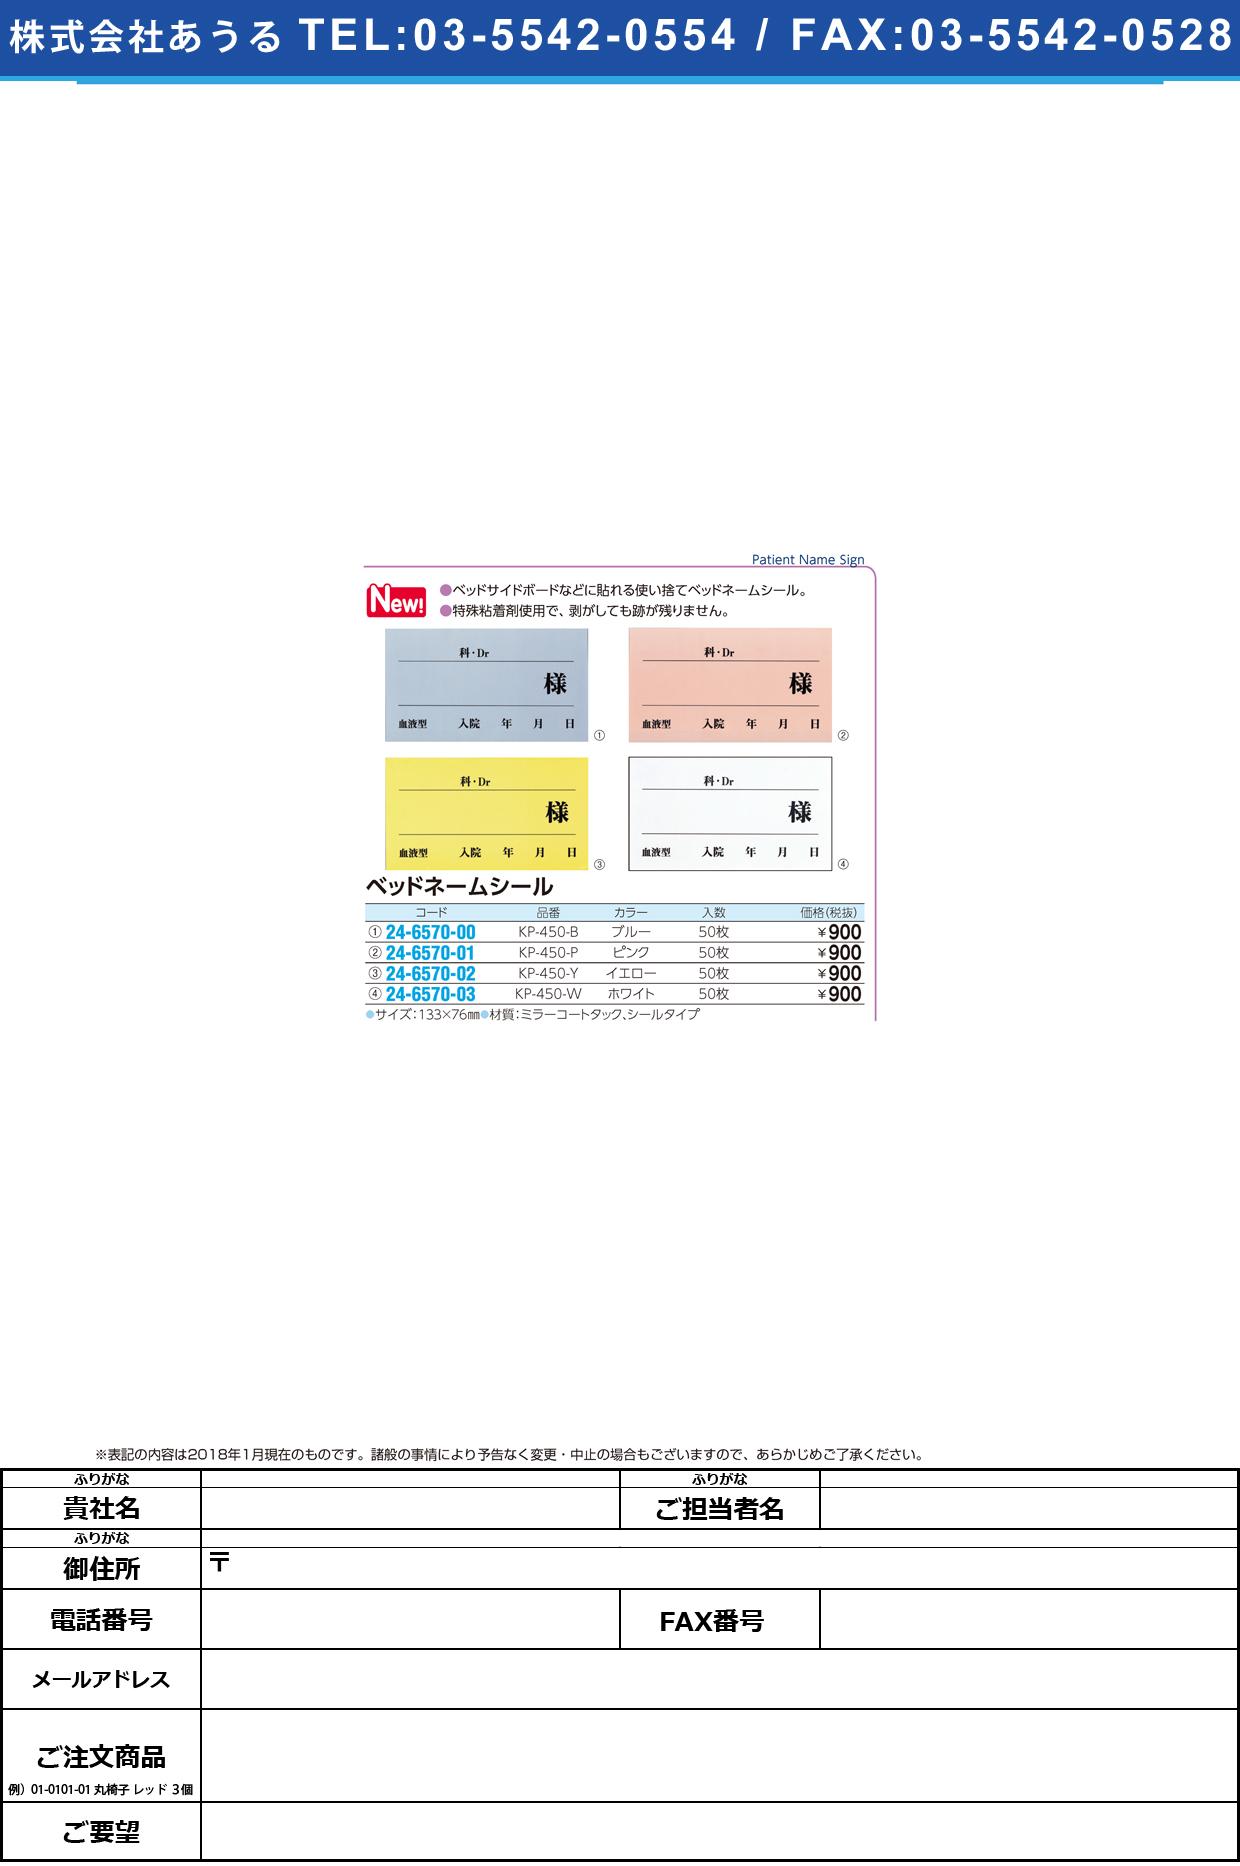 (24-6570-03)ベッドネームシール KP-450-W(ホワイト)50マイ ベッドネームシール(ケルン)【1個単位】【2018年カタログ商品】